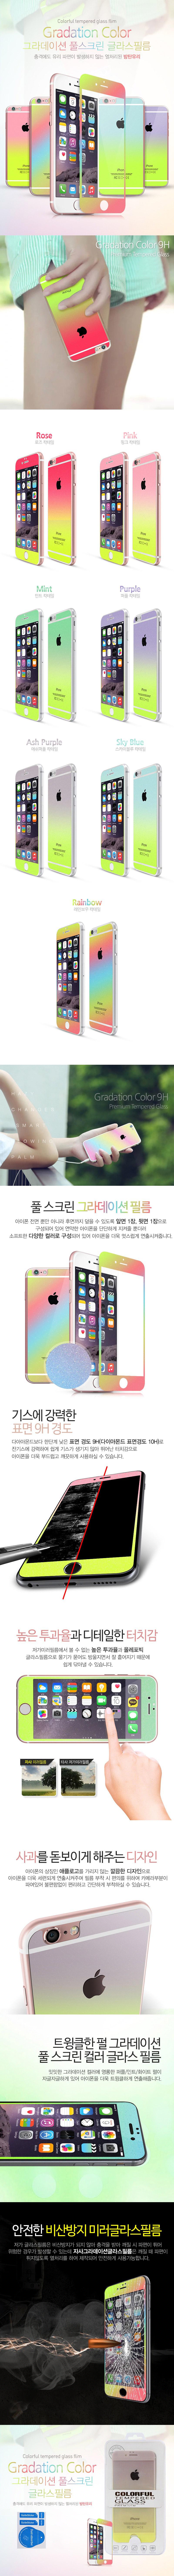 그라데이션 컬러 풀스크린 강화유리 방탄필름 아이폰 6S 플러스 5SE - 비오비, 3,500원, 필름/스킨, 아이폰6/6 플러스